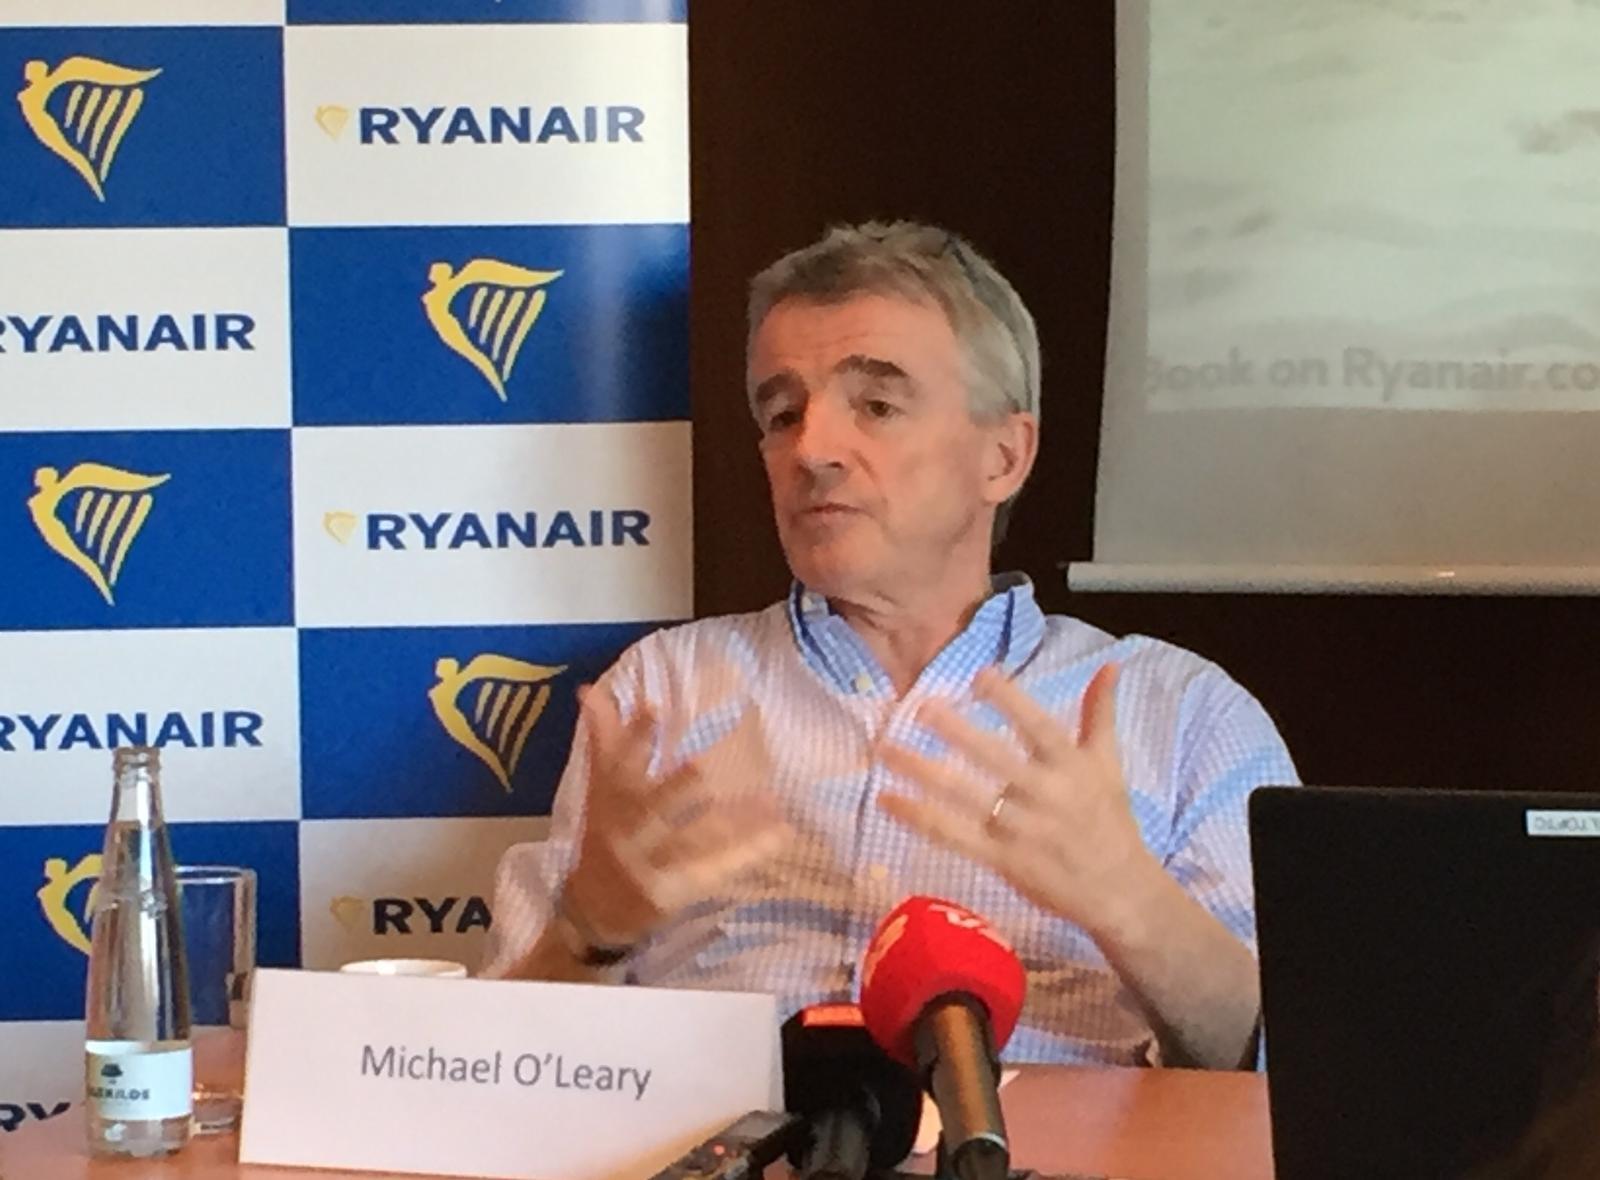 Ryanair-topchef Michael O'Leary ved et pressemøde i København (Arkivfoto: Andreas Krog)